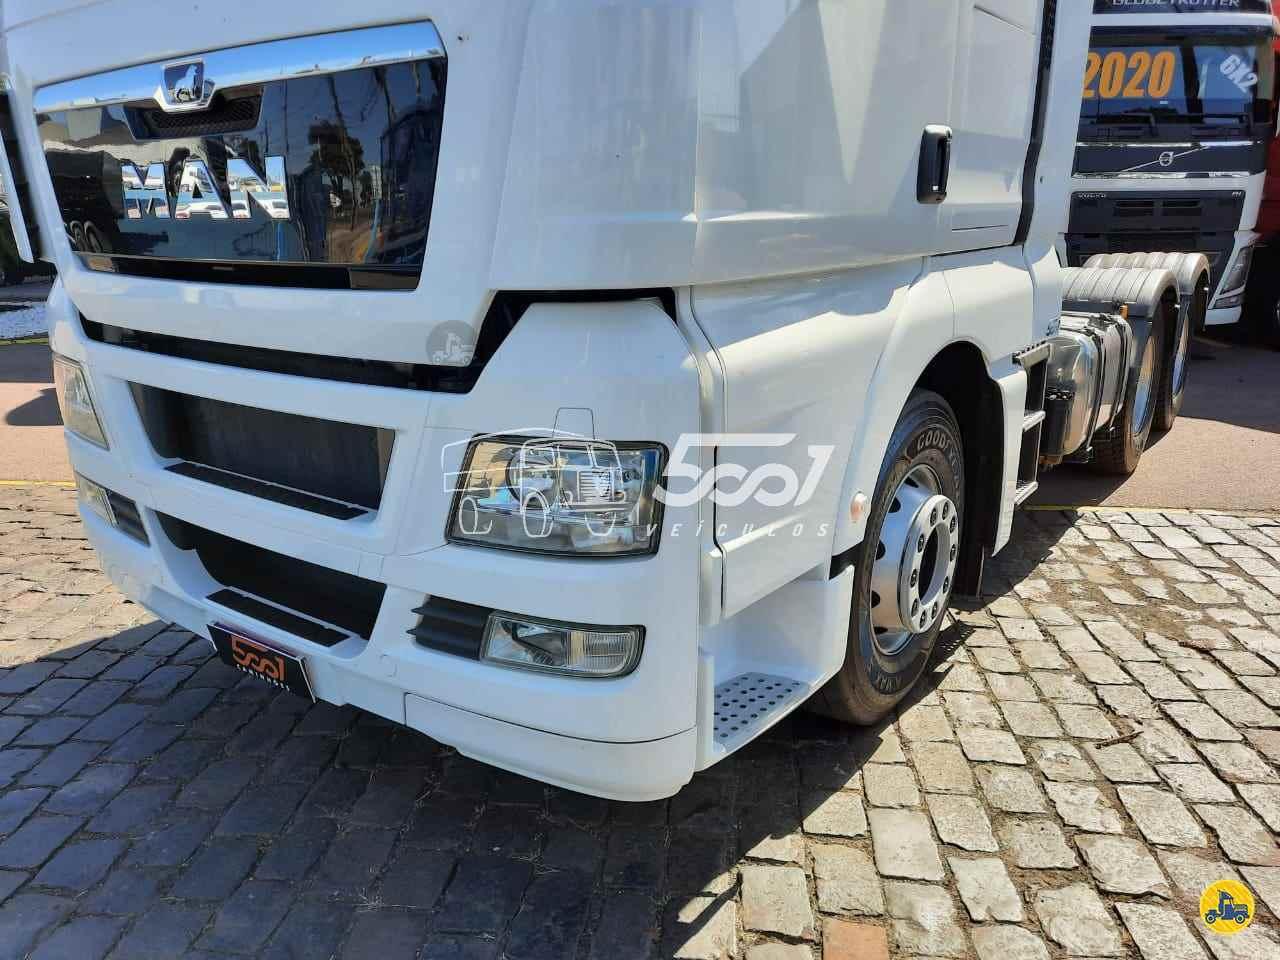 MAN TGX 29 480 109010km 2019/2020 5001 Veículos - Ponta Grossa